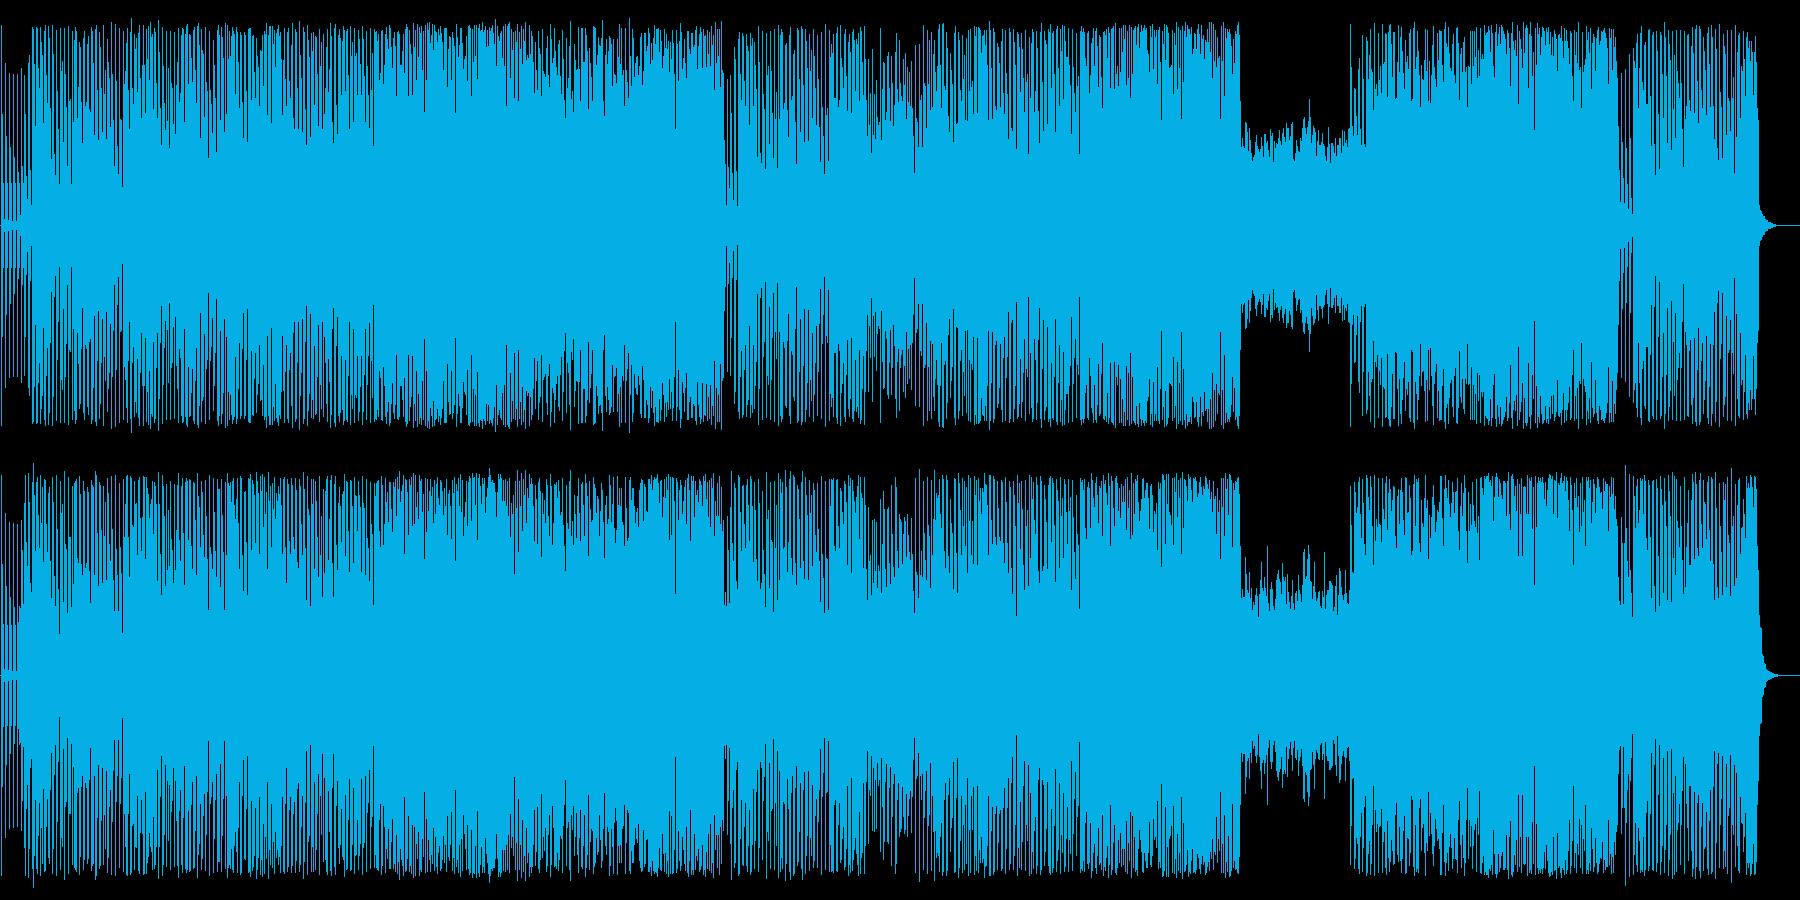 ビートのある懐かしいシンセサイザーの曲の再生済みの波形